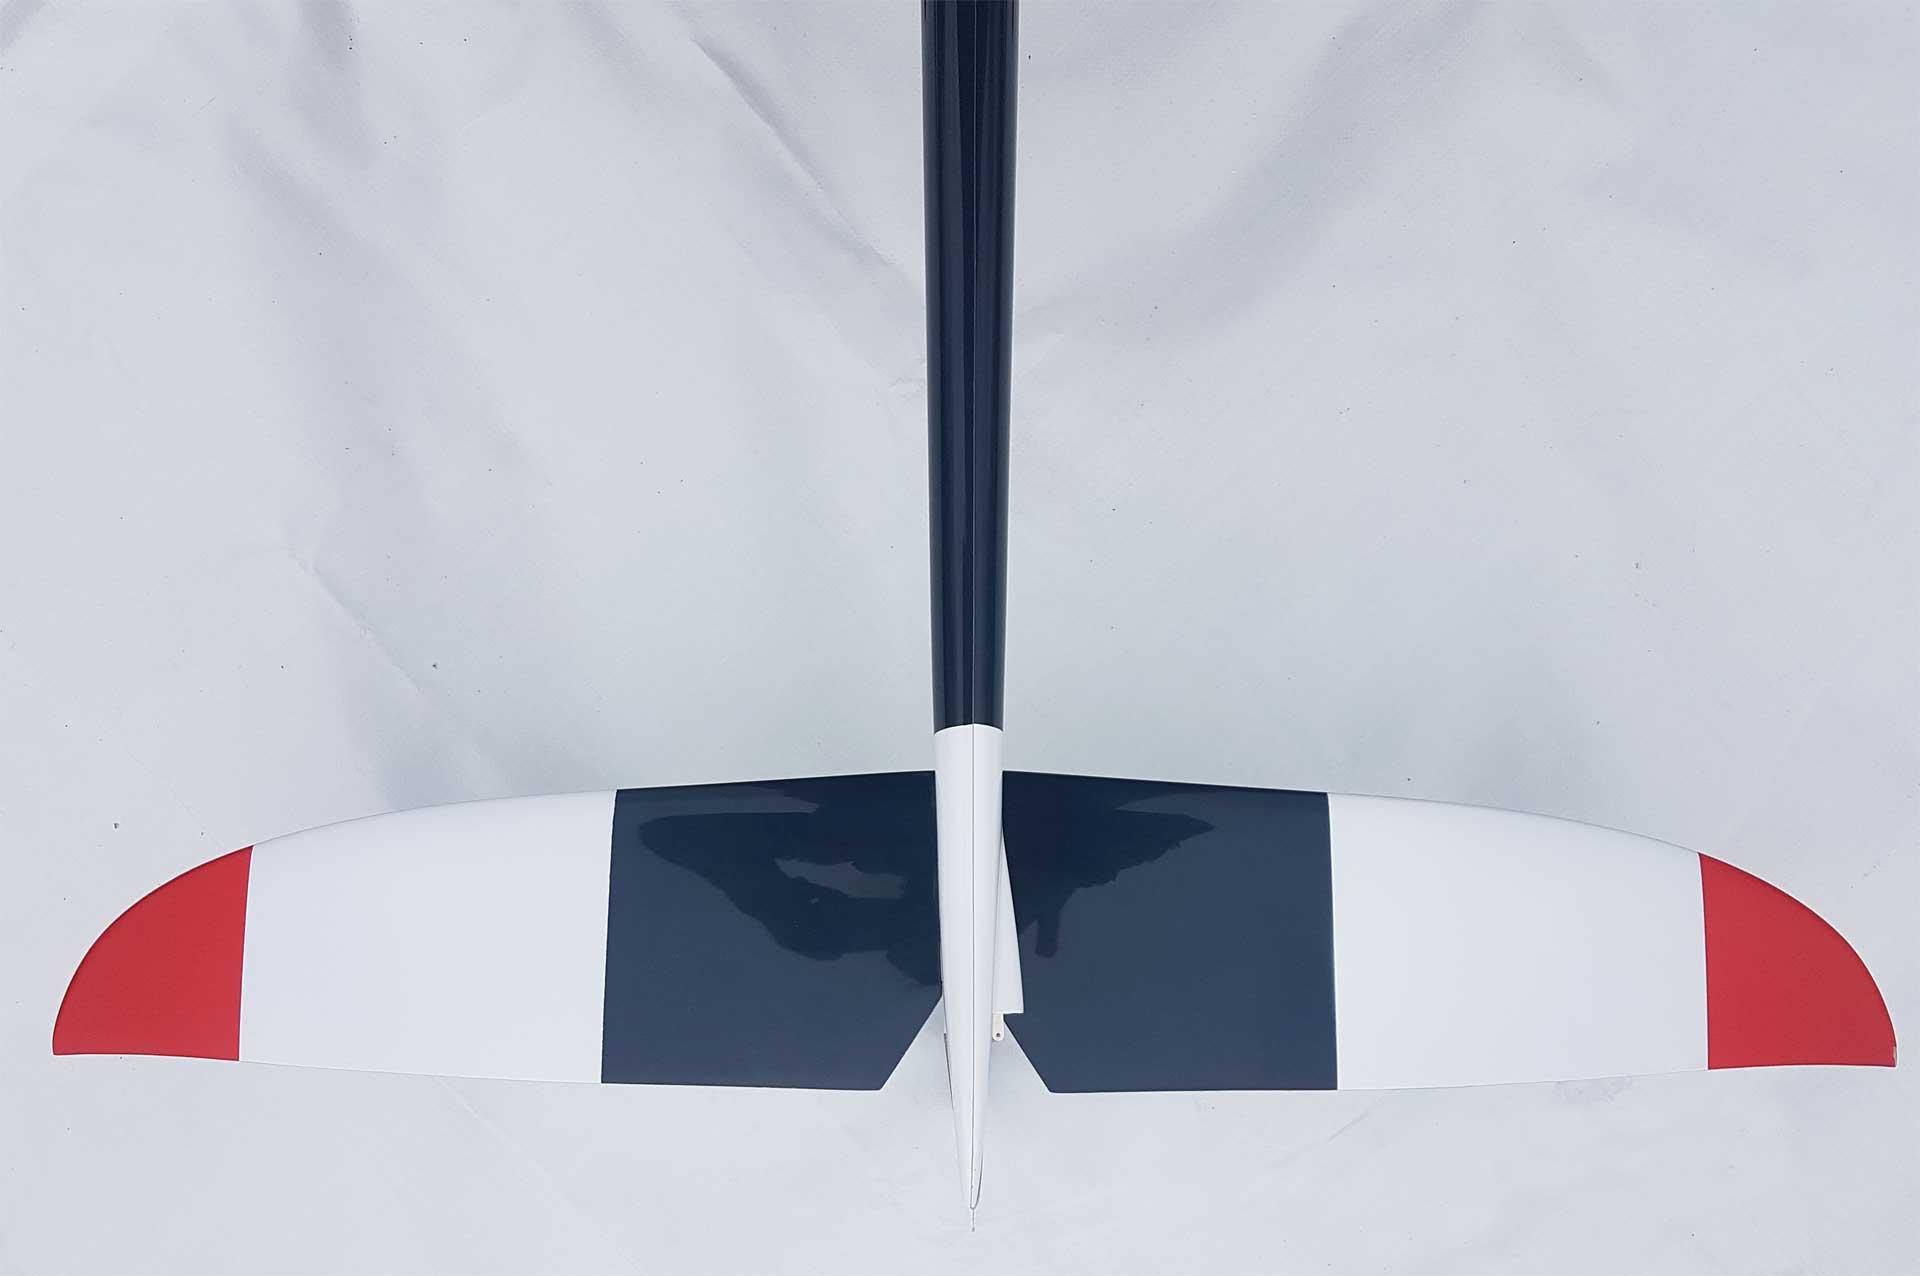 Robbe Modellsport SCIROCCO S 3,75M ARF (Petrol) VOLL-GFK HOCHLEISTUNGSSEGLER MIT 4-KLAPPENFLÜGEL